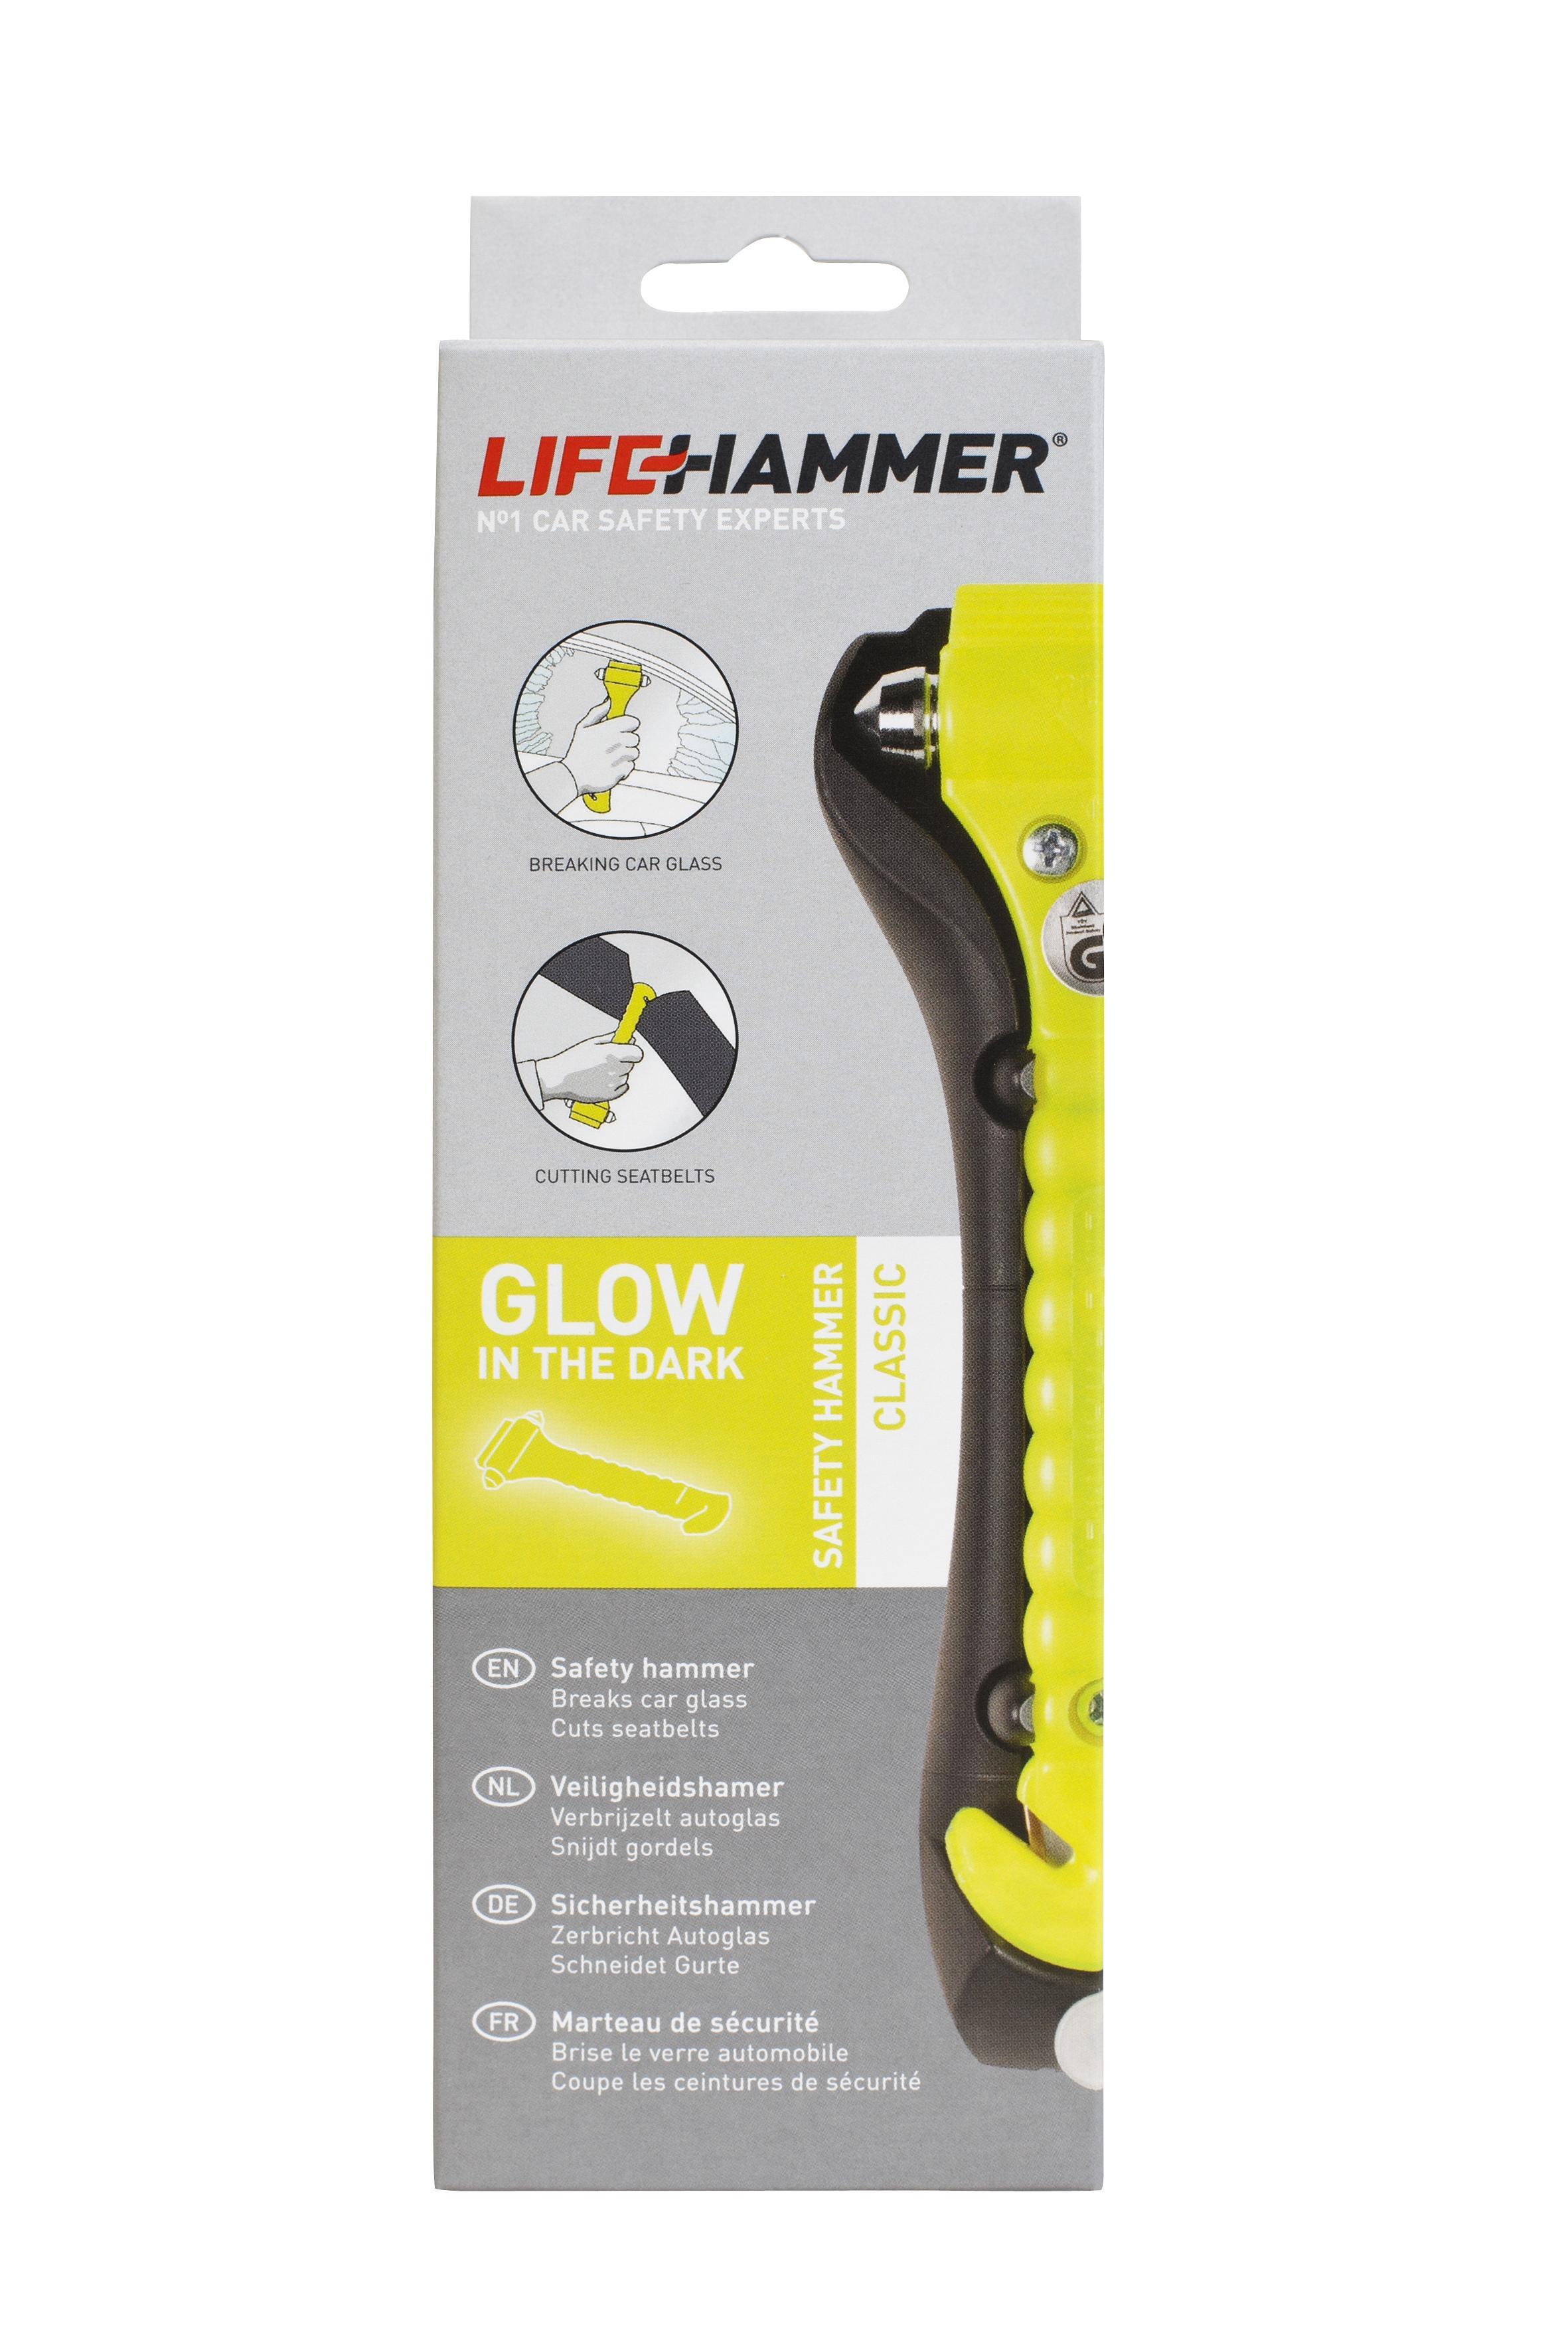 HCGY1RNDBX Notfallhammer LifeHammer in Original Qualität